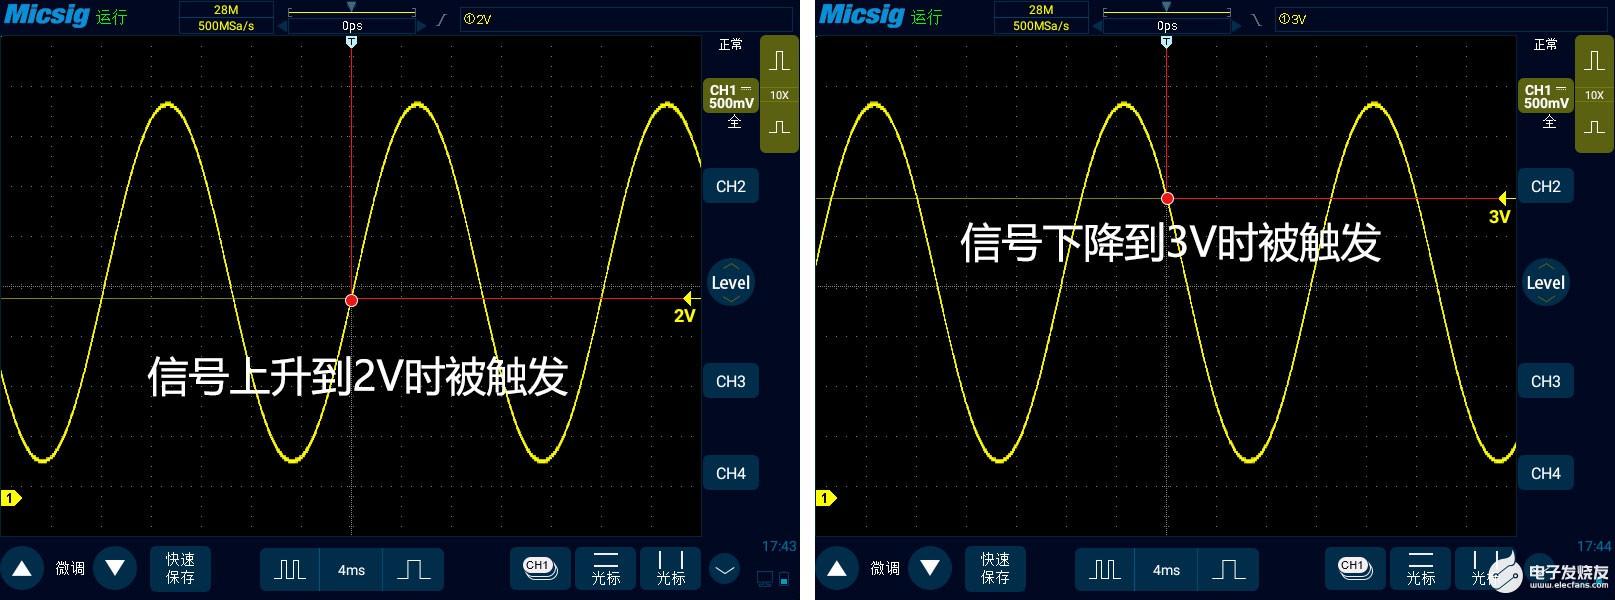 示波器觸發的作用及原理講解